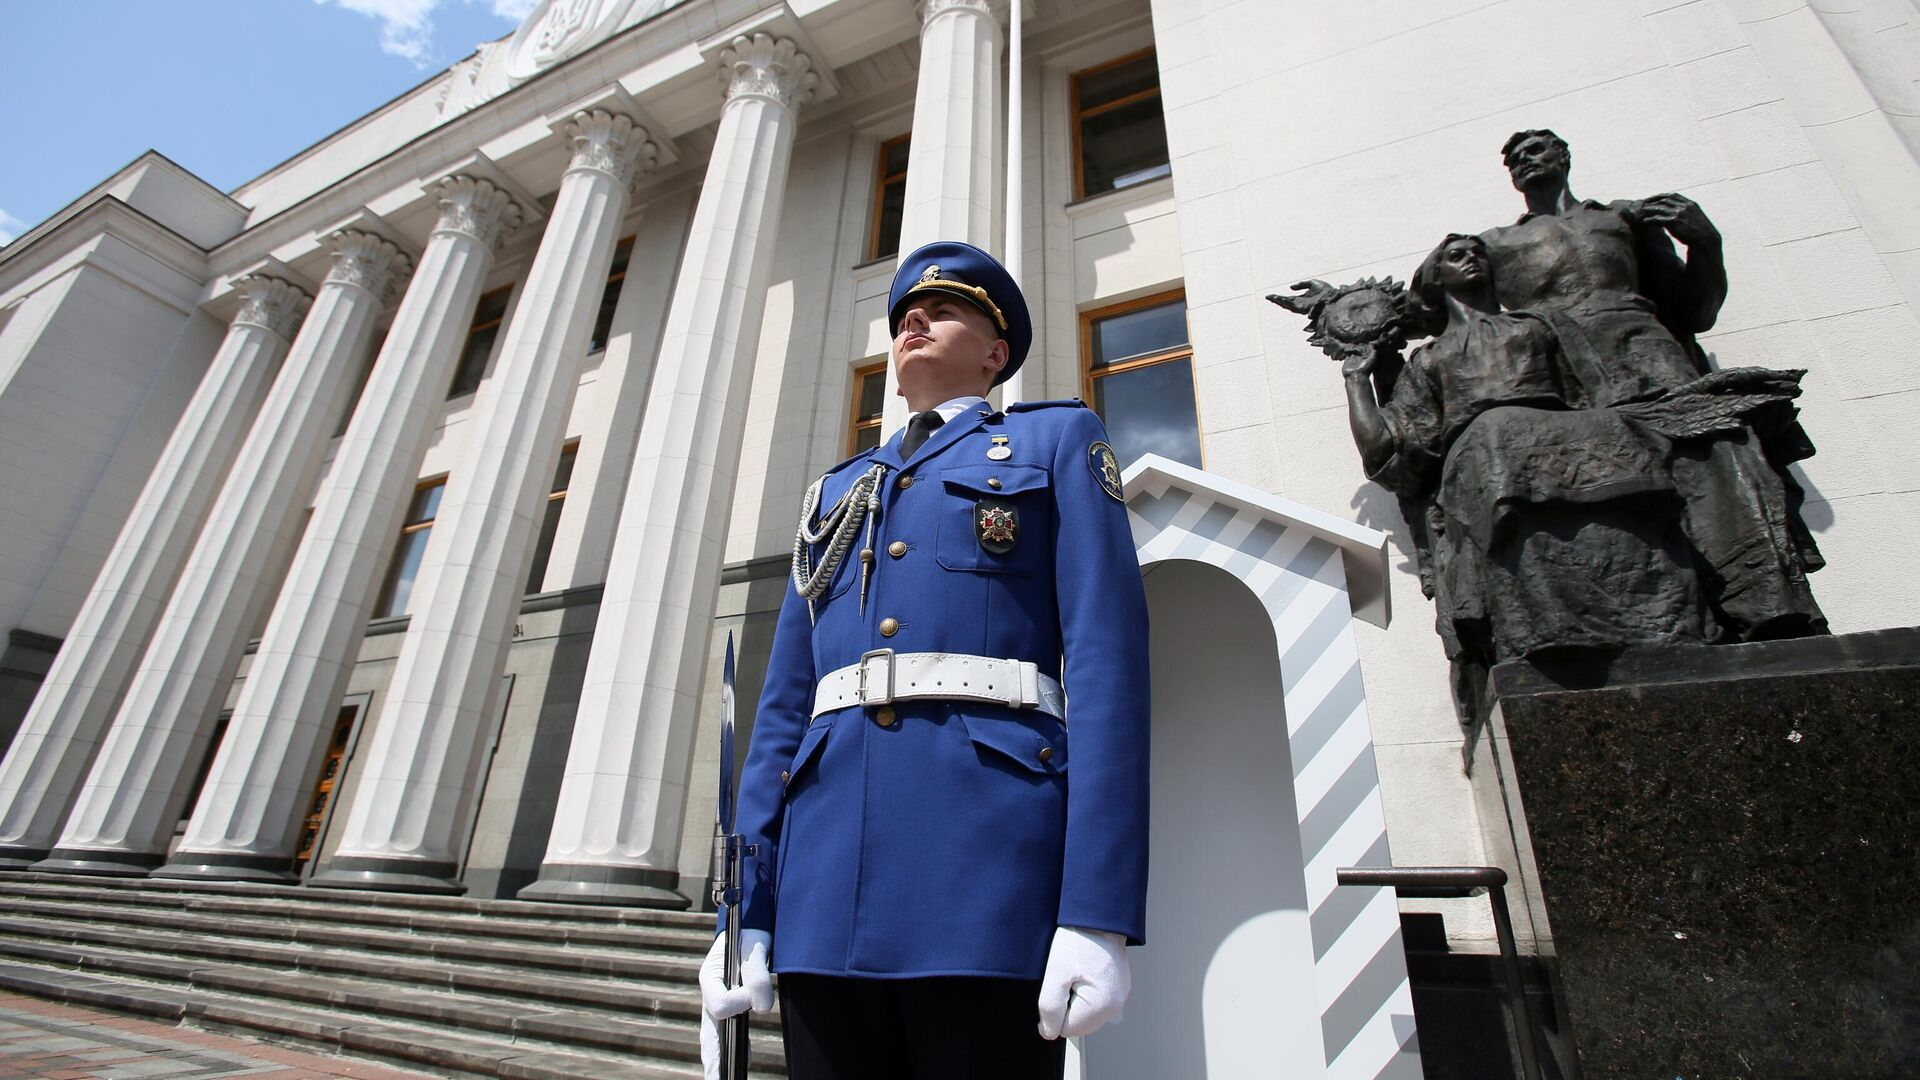 Почетный караул возле здания Верховной рады Украины в Киеве - РИА Новости, 1920, 24.09.2021